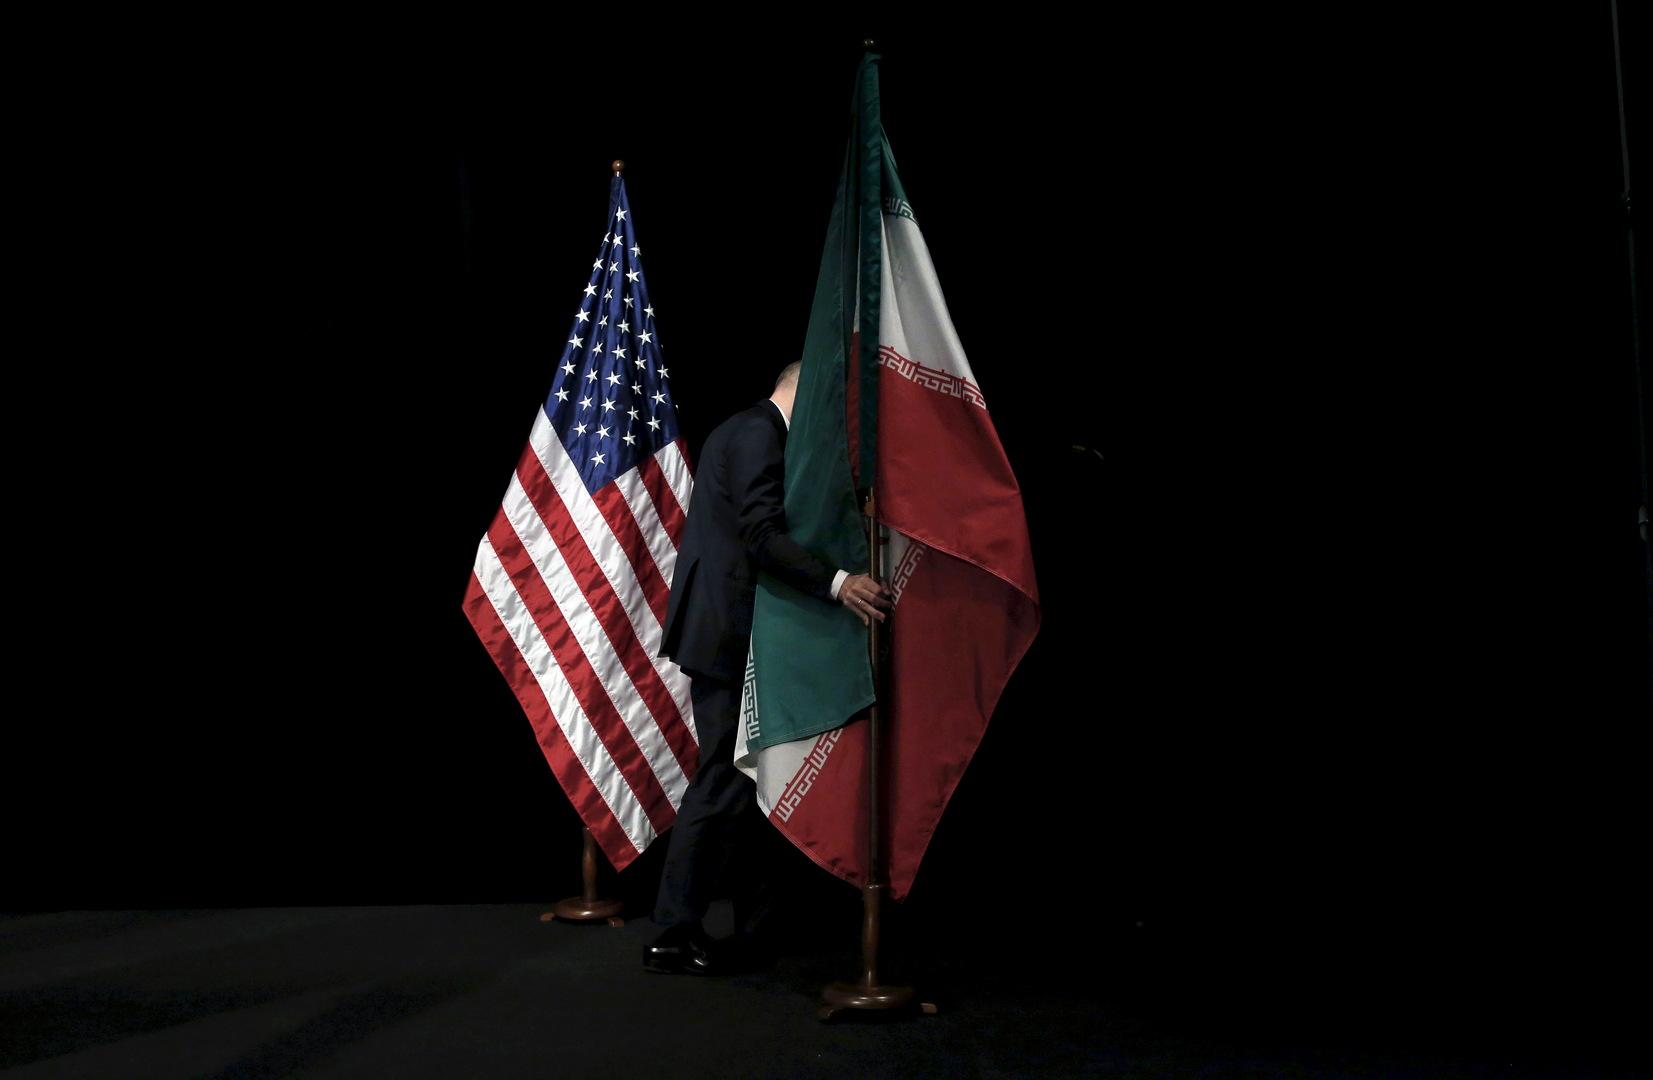 العلم الإيراني والعلم الأمريكي